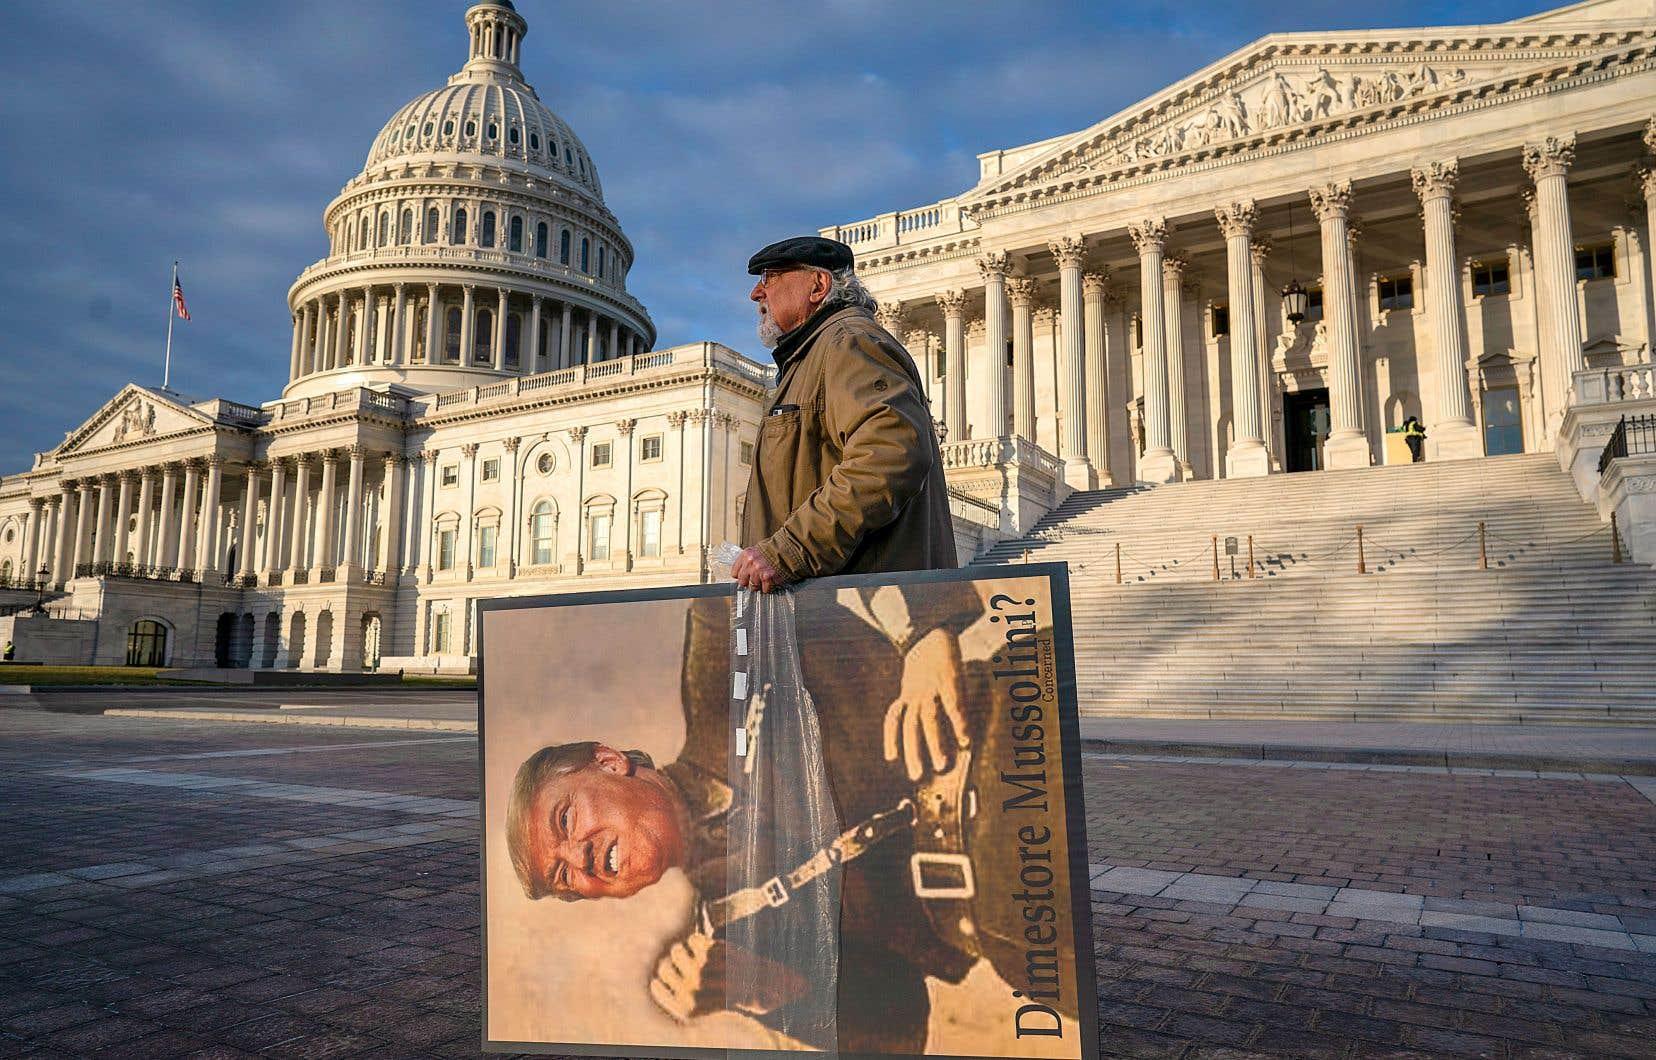 Stephen Parlato, un opposant de Donald Trump, était venu du Colorado pour manifester vendredi devant le Congrès, où se déroule le procès en destitution.